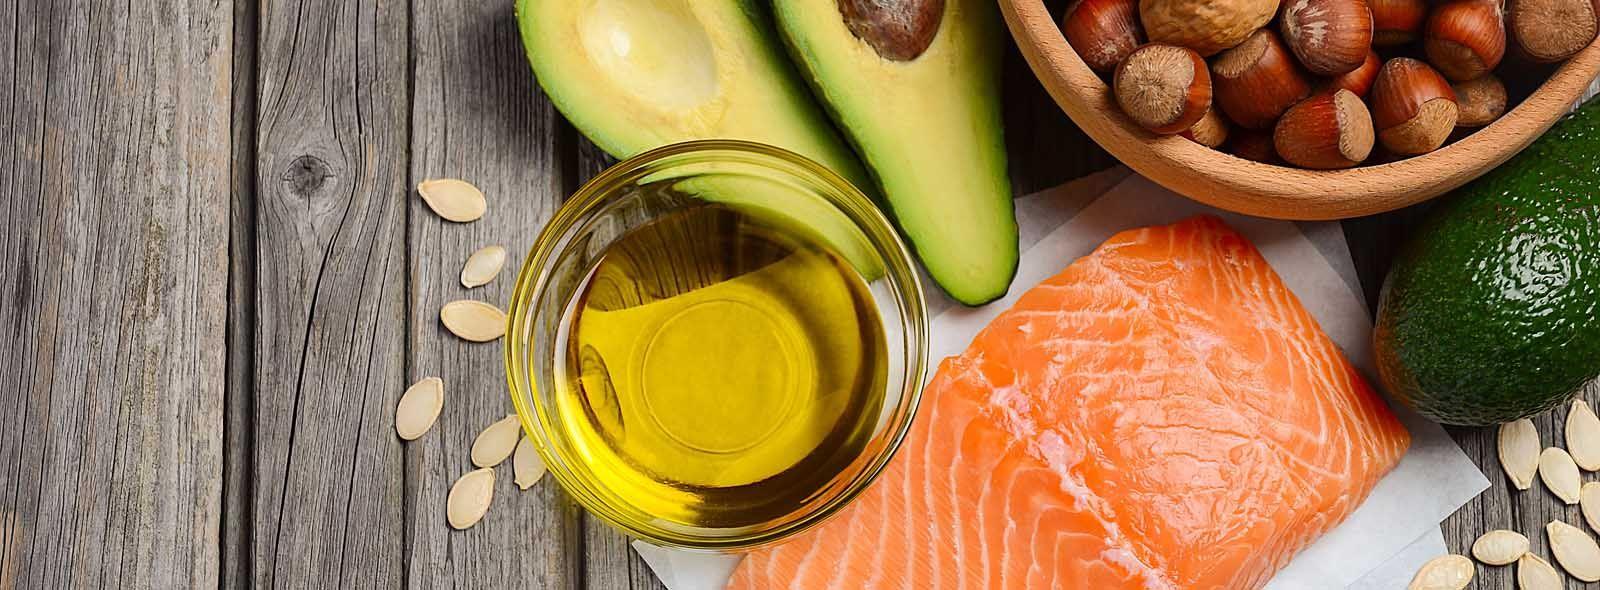 Come abbassare colesterolo